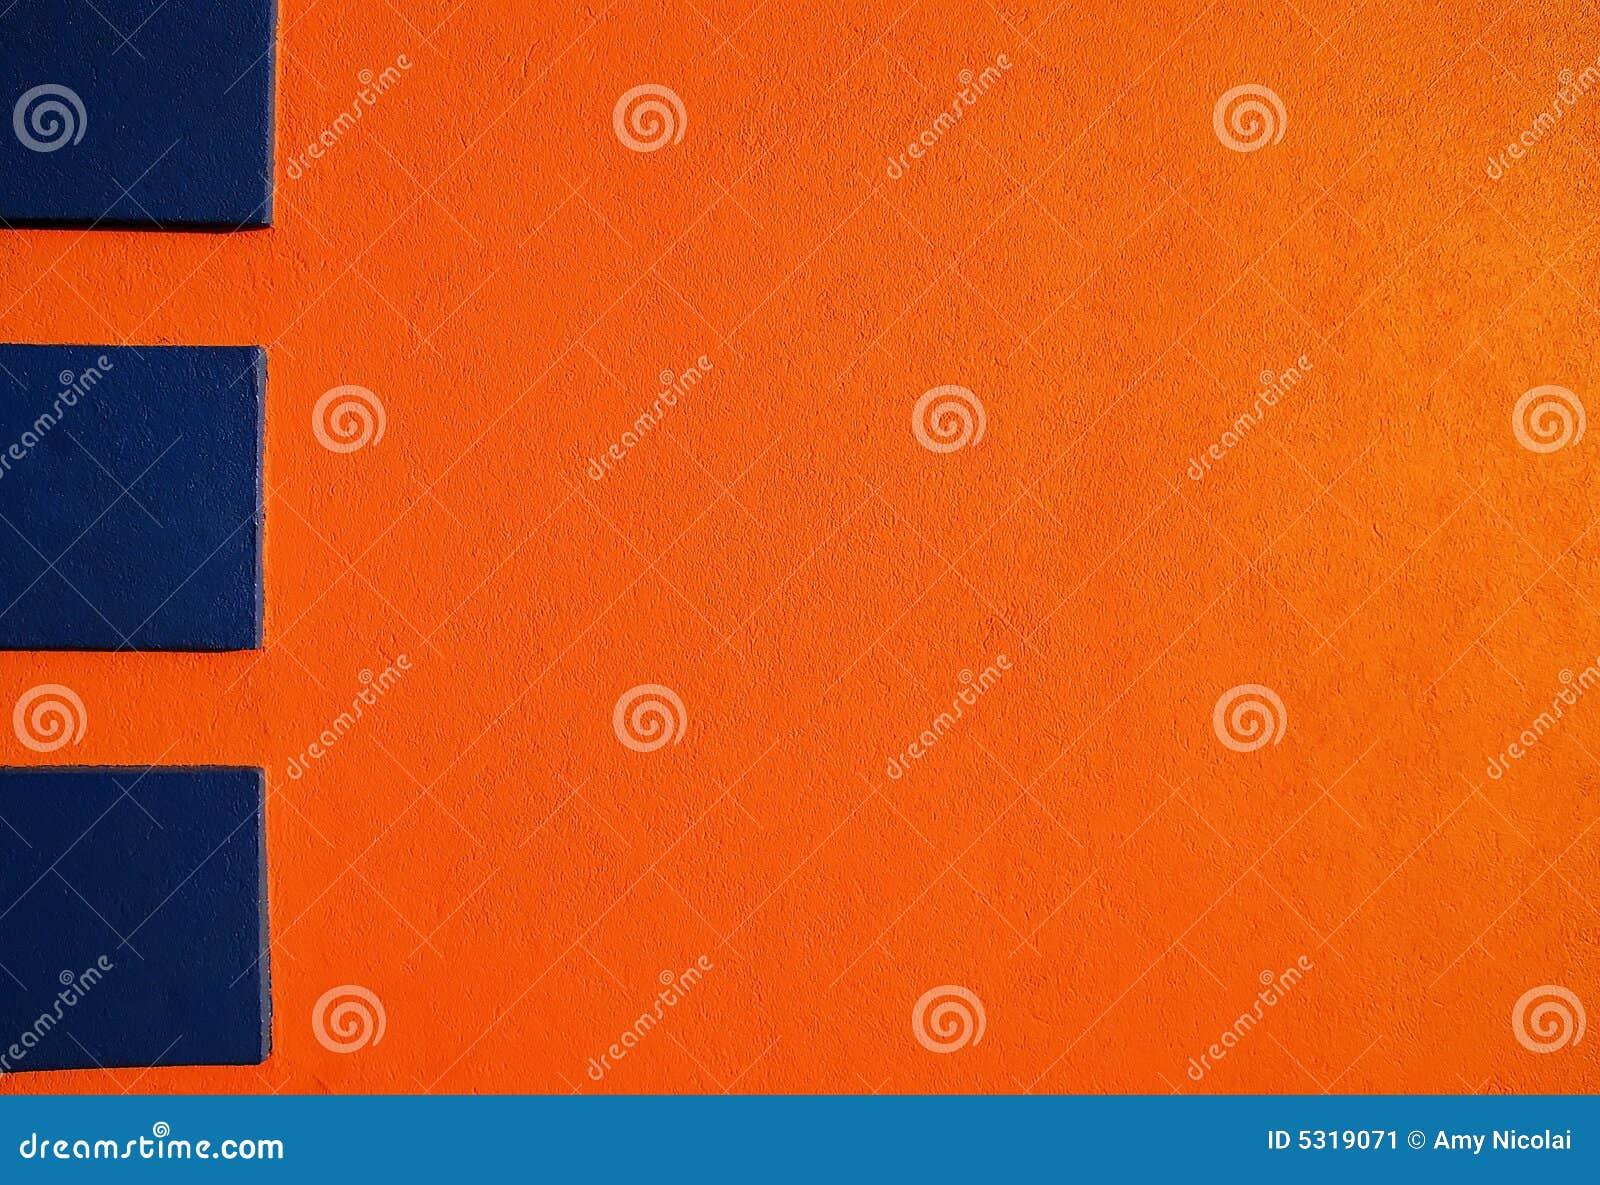 Orange & blue stucco 2